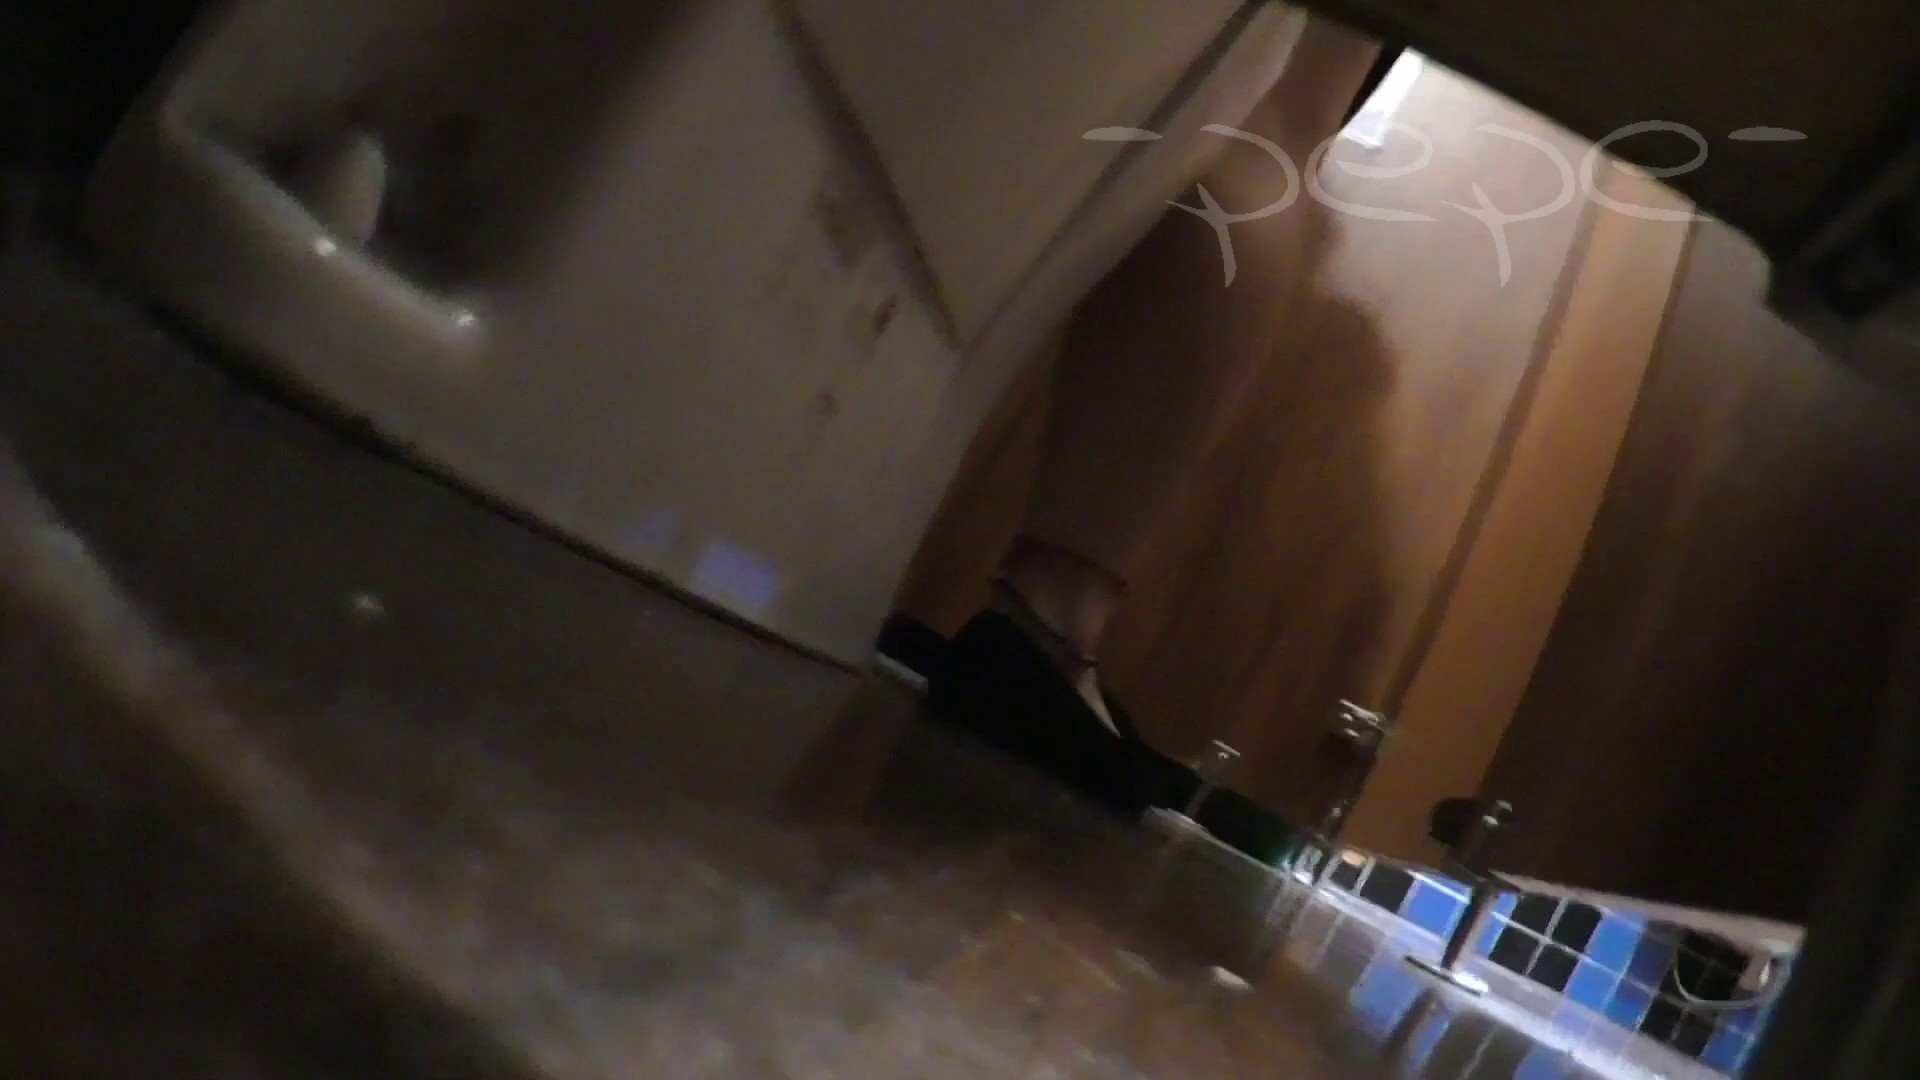 至高洗面所盗撮 29 至高店内撮り 見せますpepeの技!! 洗面所 | 盗撮で悶絶  94画像 71